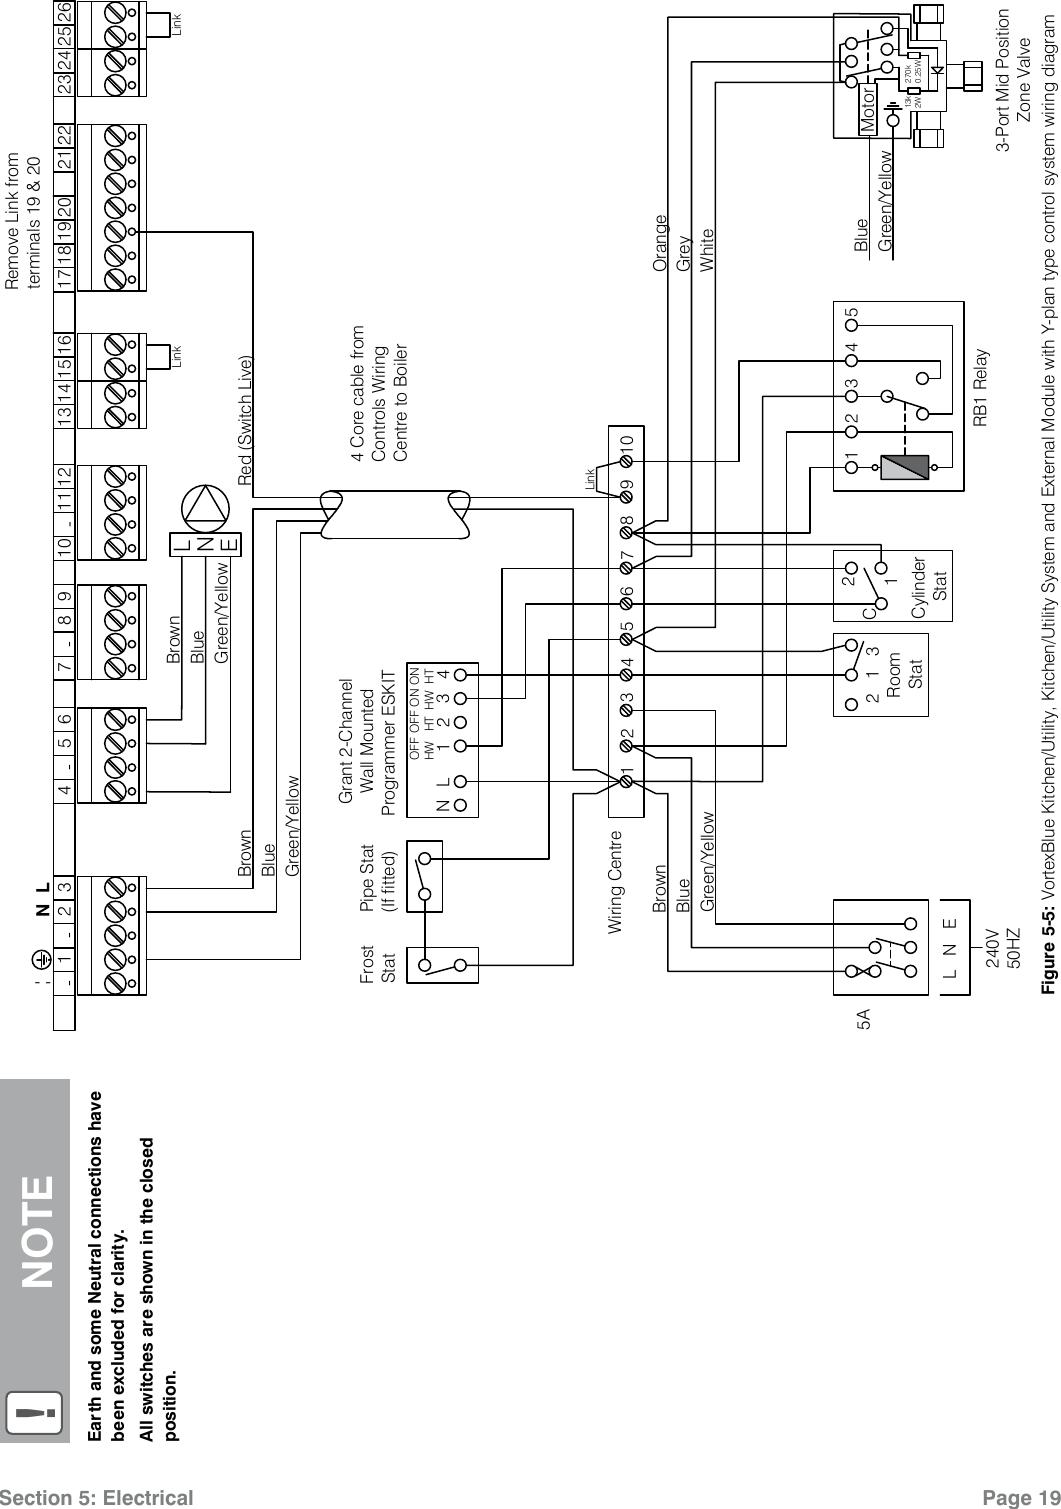 Grant Oil Boiler Wiring Diagram